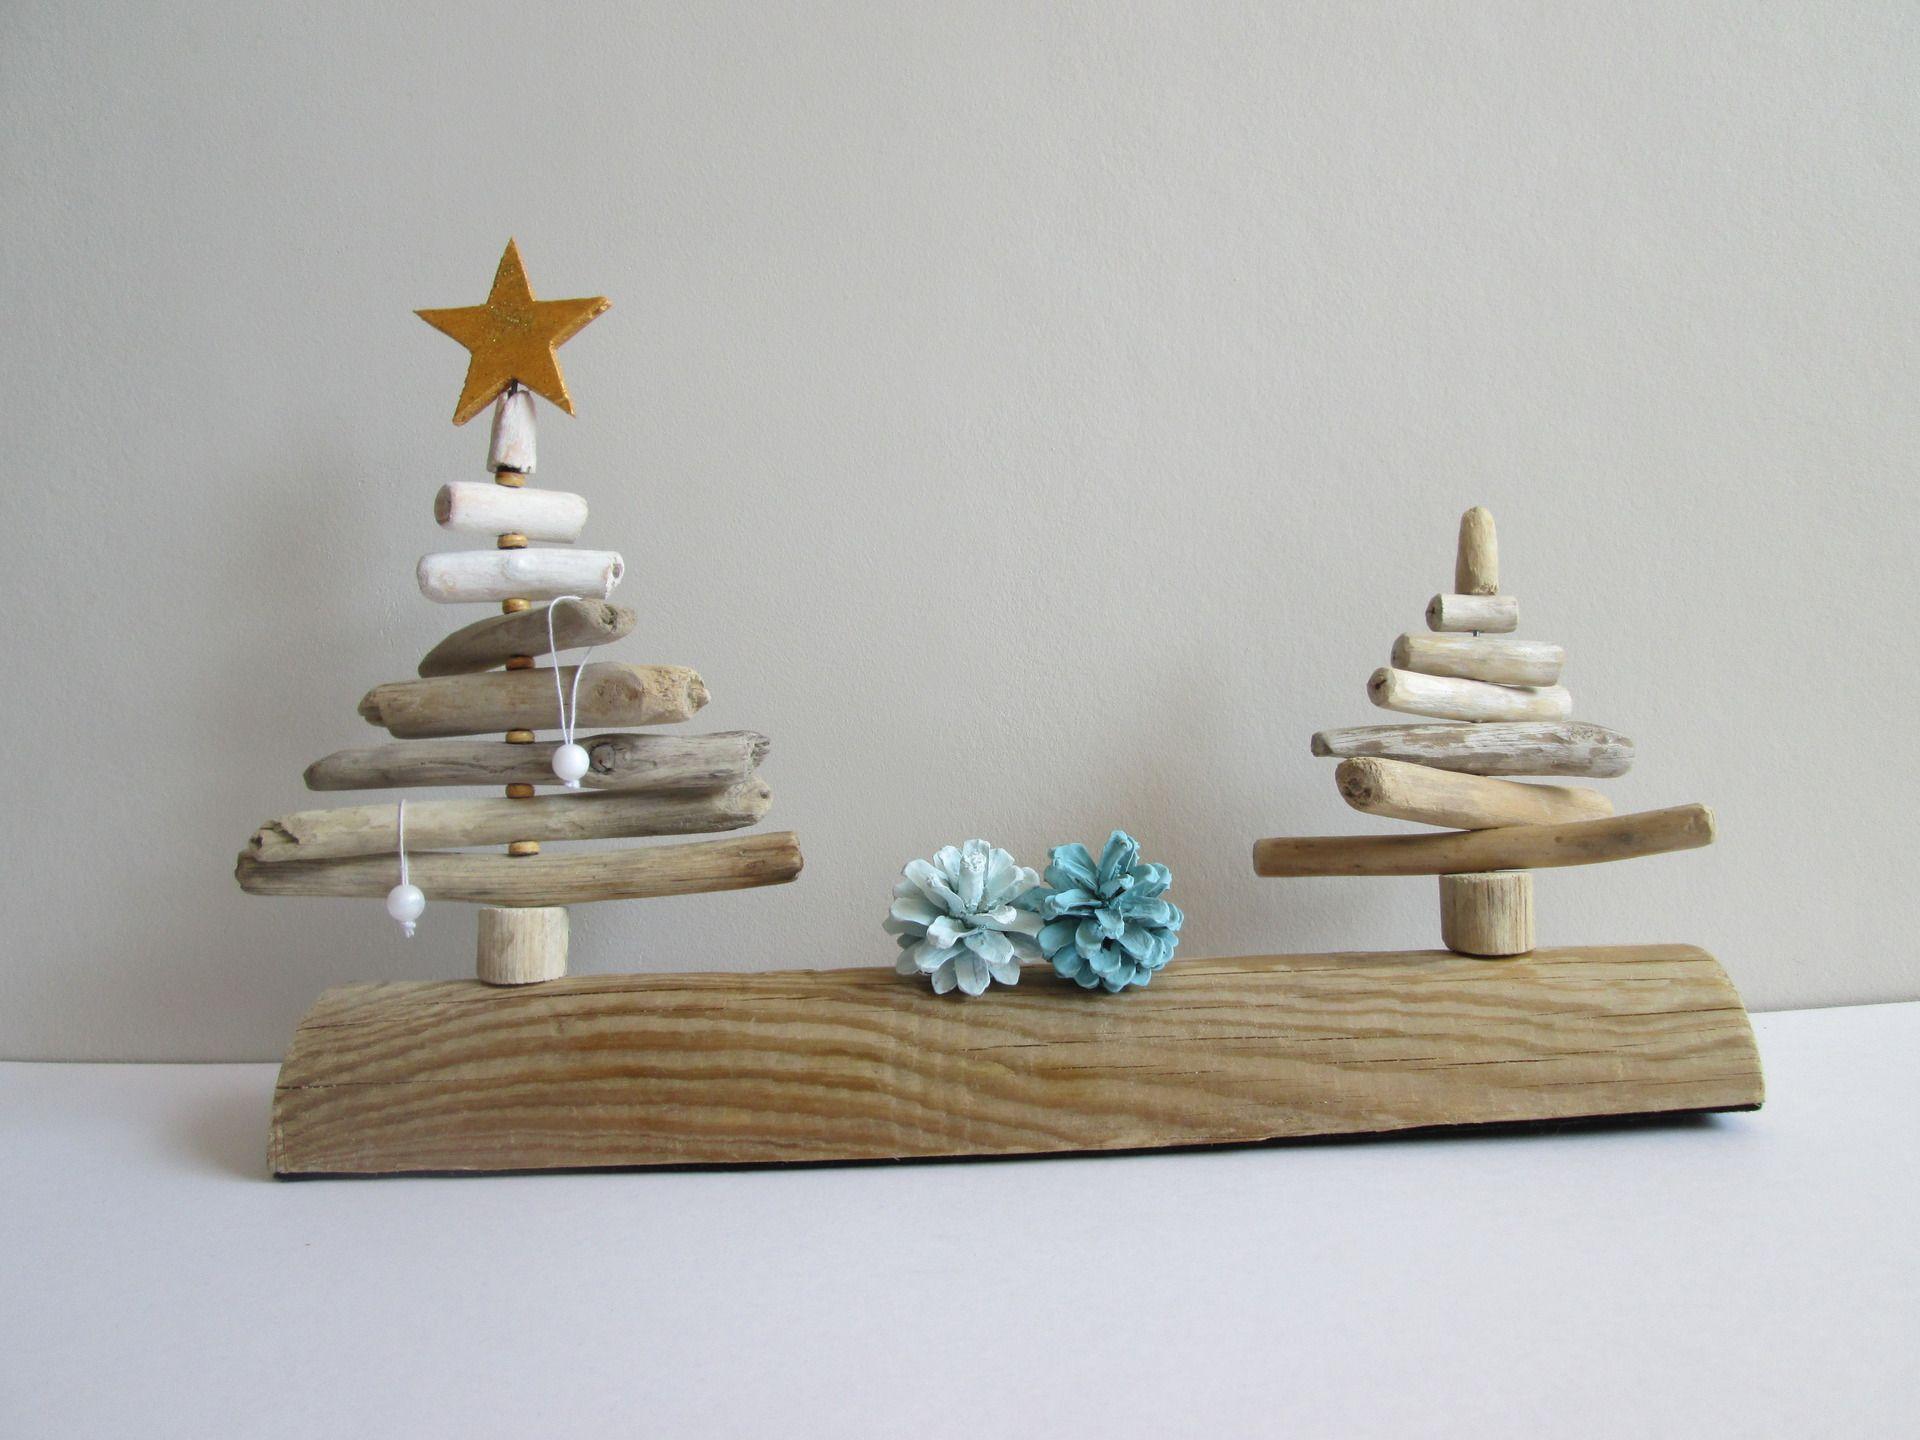 Duo de sapins en bois flott et pommes de pin for Trouver bois flotte